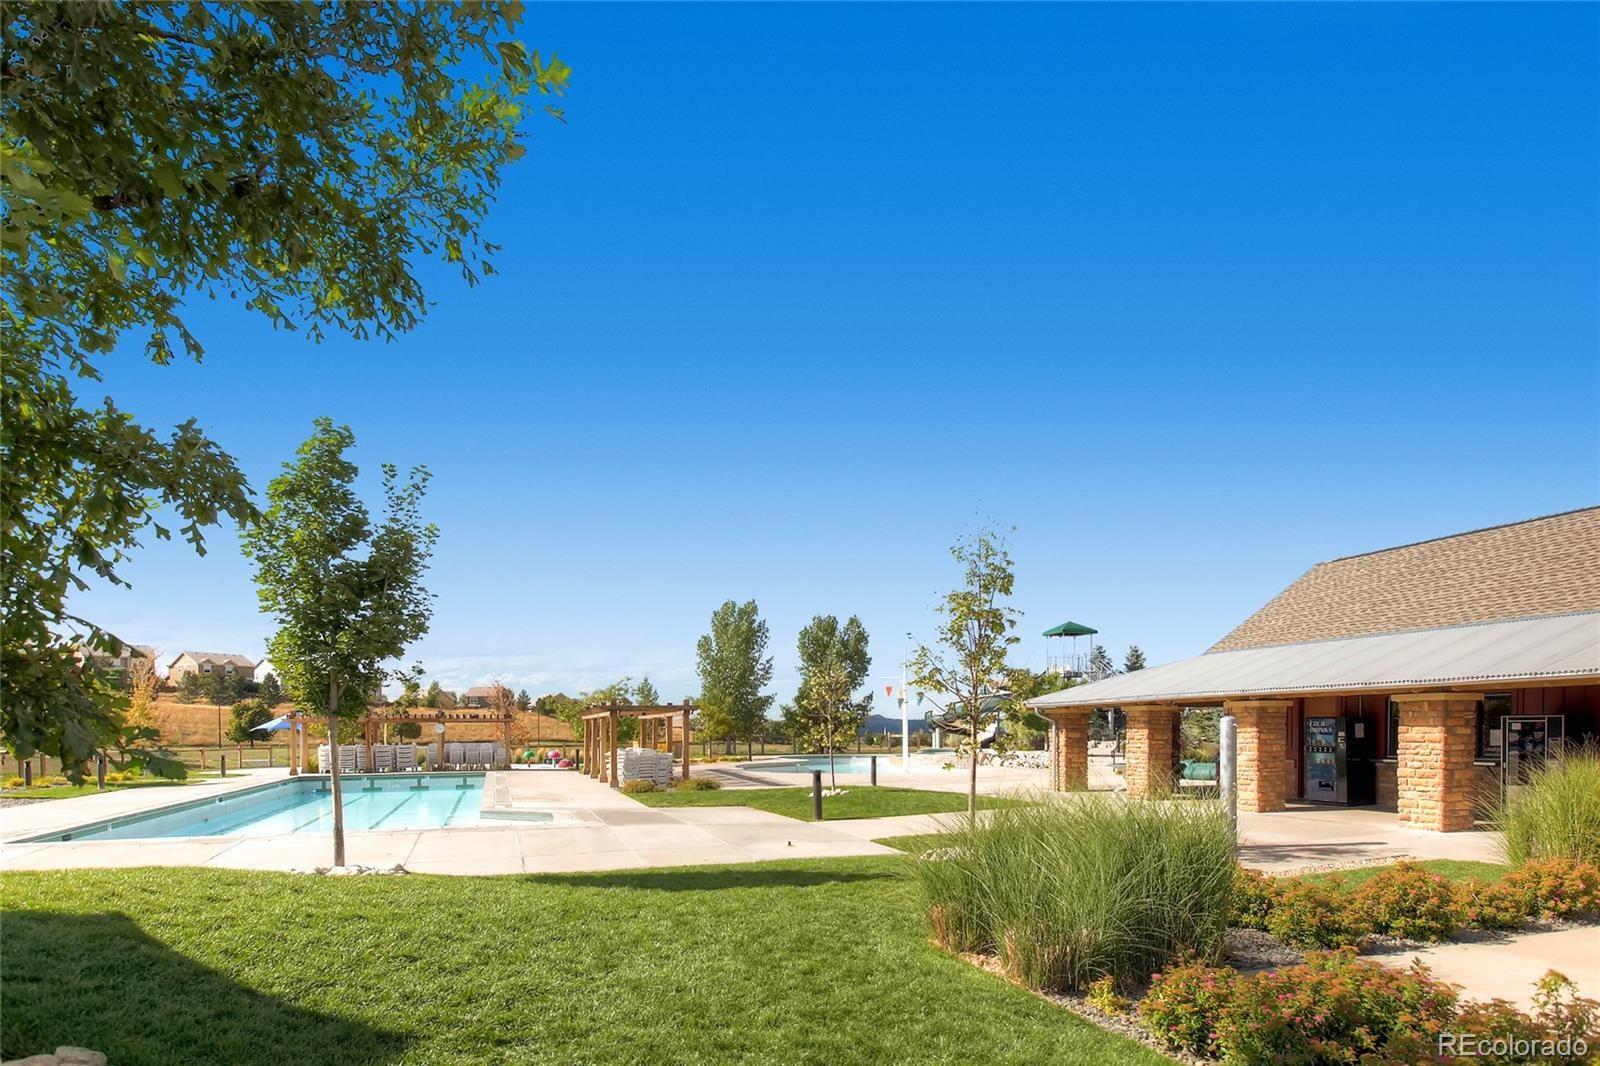 MLS# 9449187 - 30 - 4228 Broken Hill Drive, Castle Rock, CO 80109